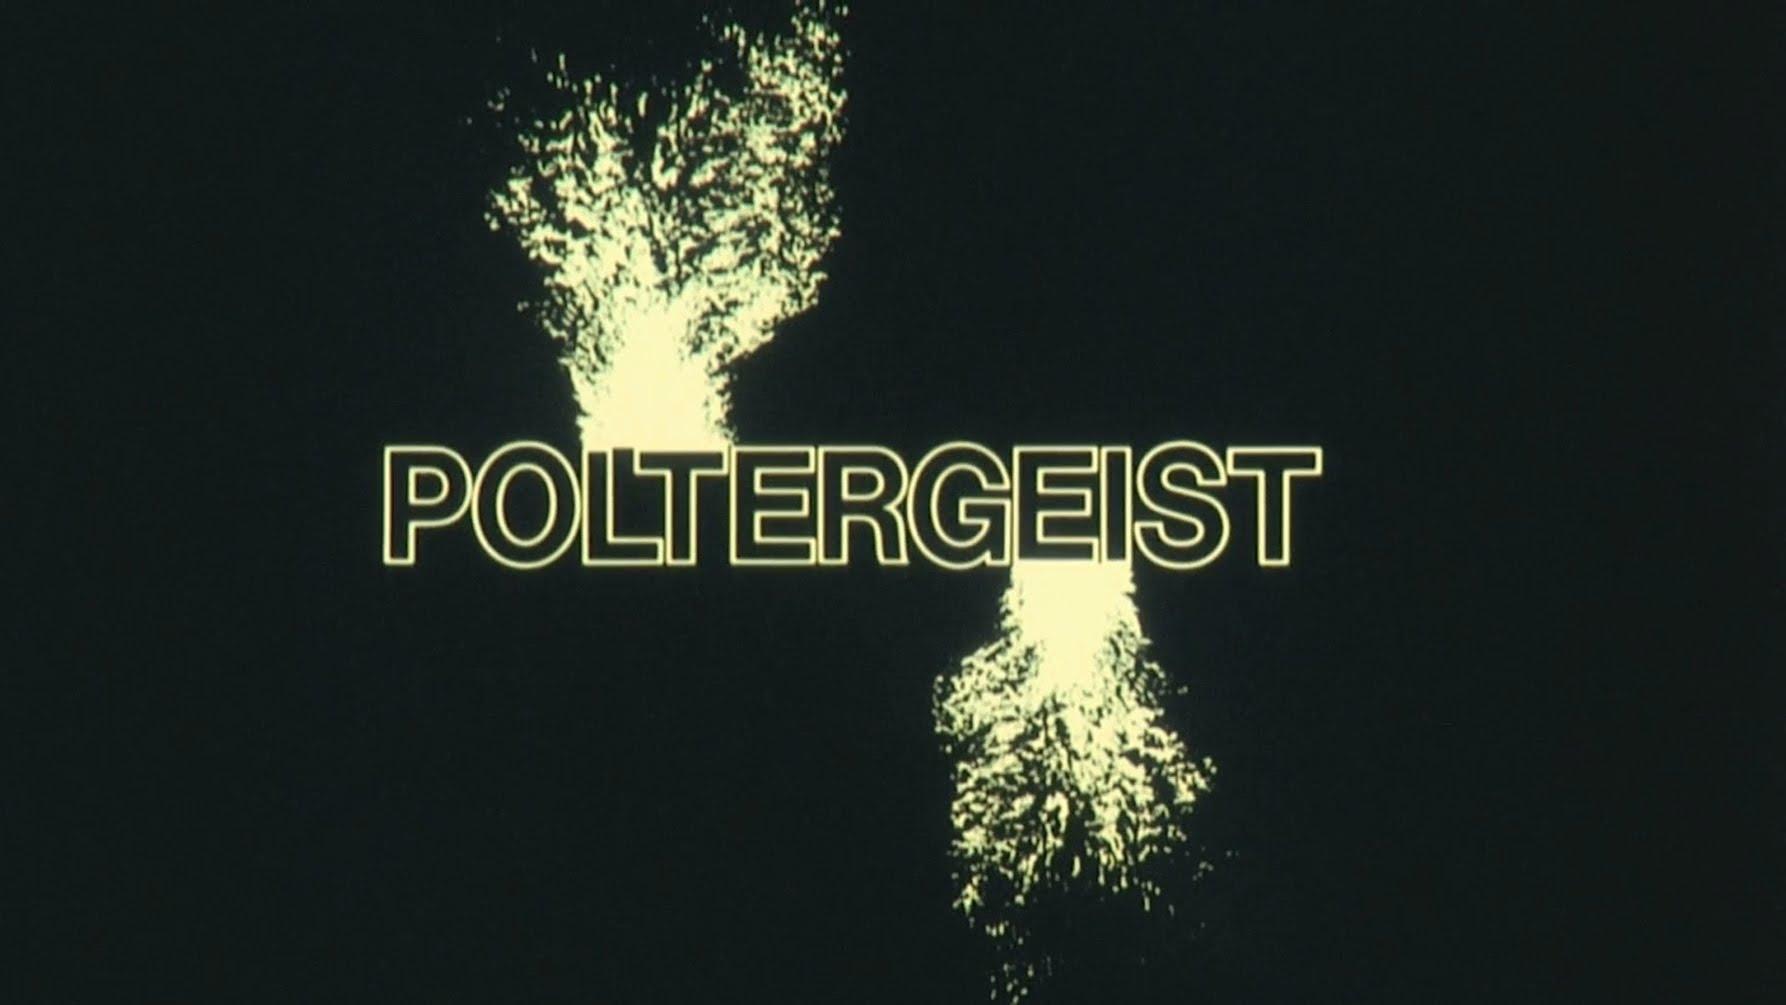 Trailer: Poltergeist 1982 35mm Theatrical Trailer